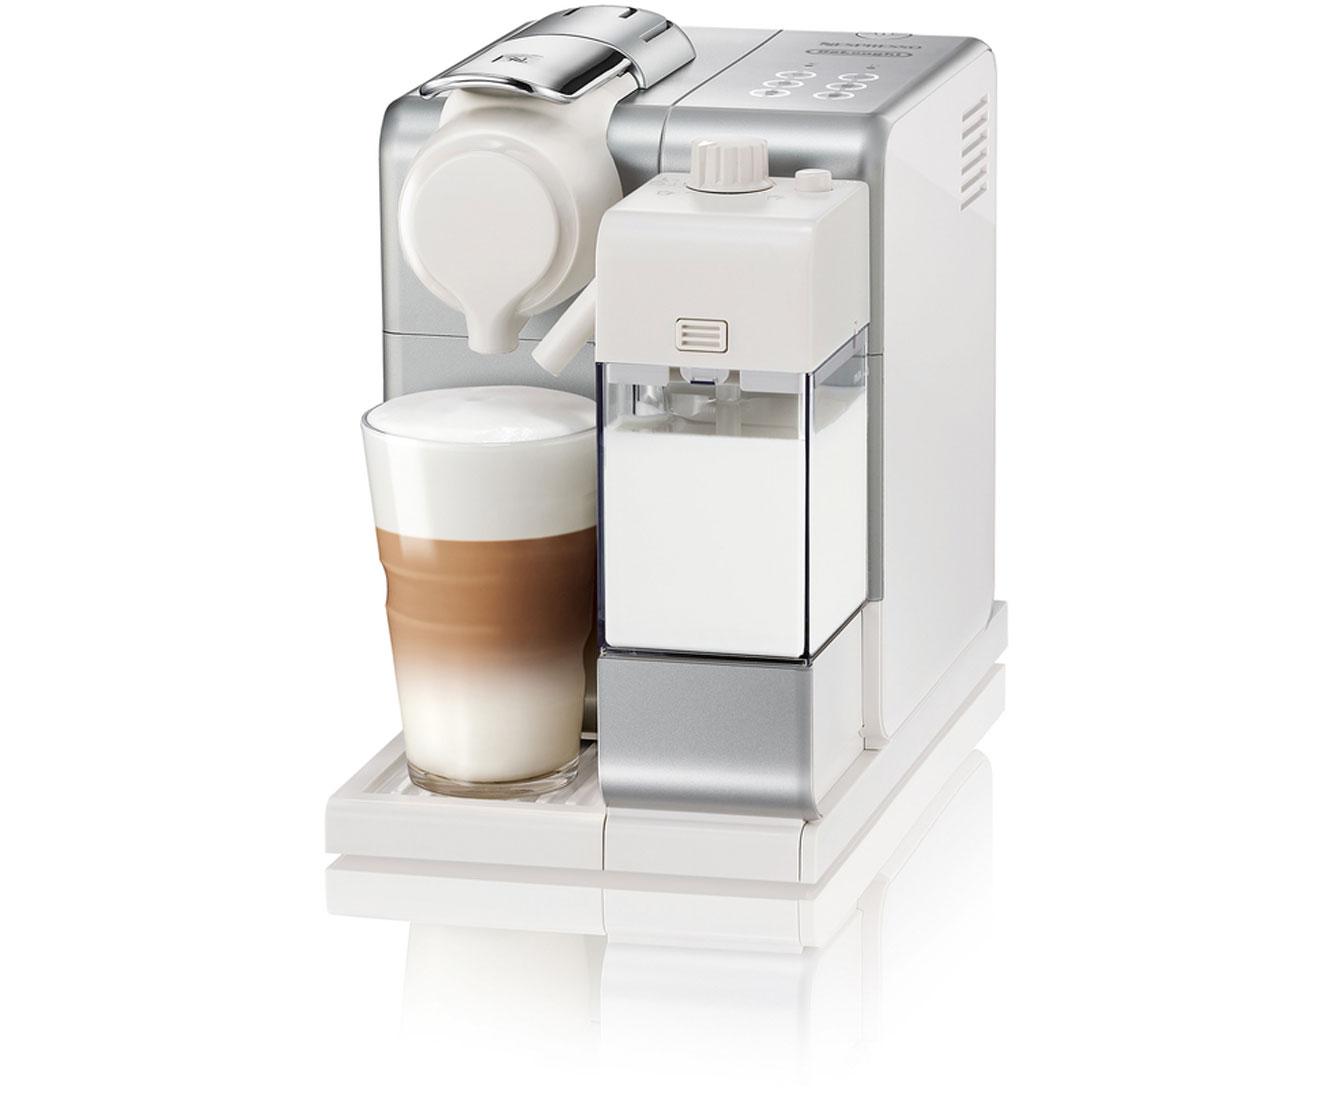 DeLonghi Nespresso Lattissima Touch EN560.S Kaffeemaschinen - Silber / Weiß | Küche und Esszimmer > Kaffee und Tee > Espressomaschinen | Silber - Weiß | DeLonghi Nespresso